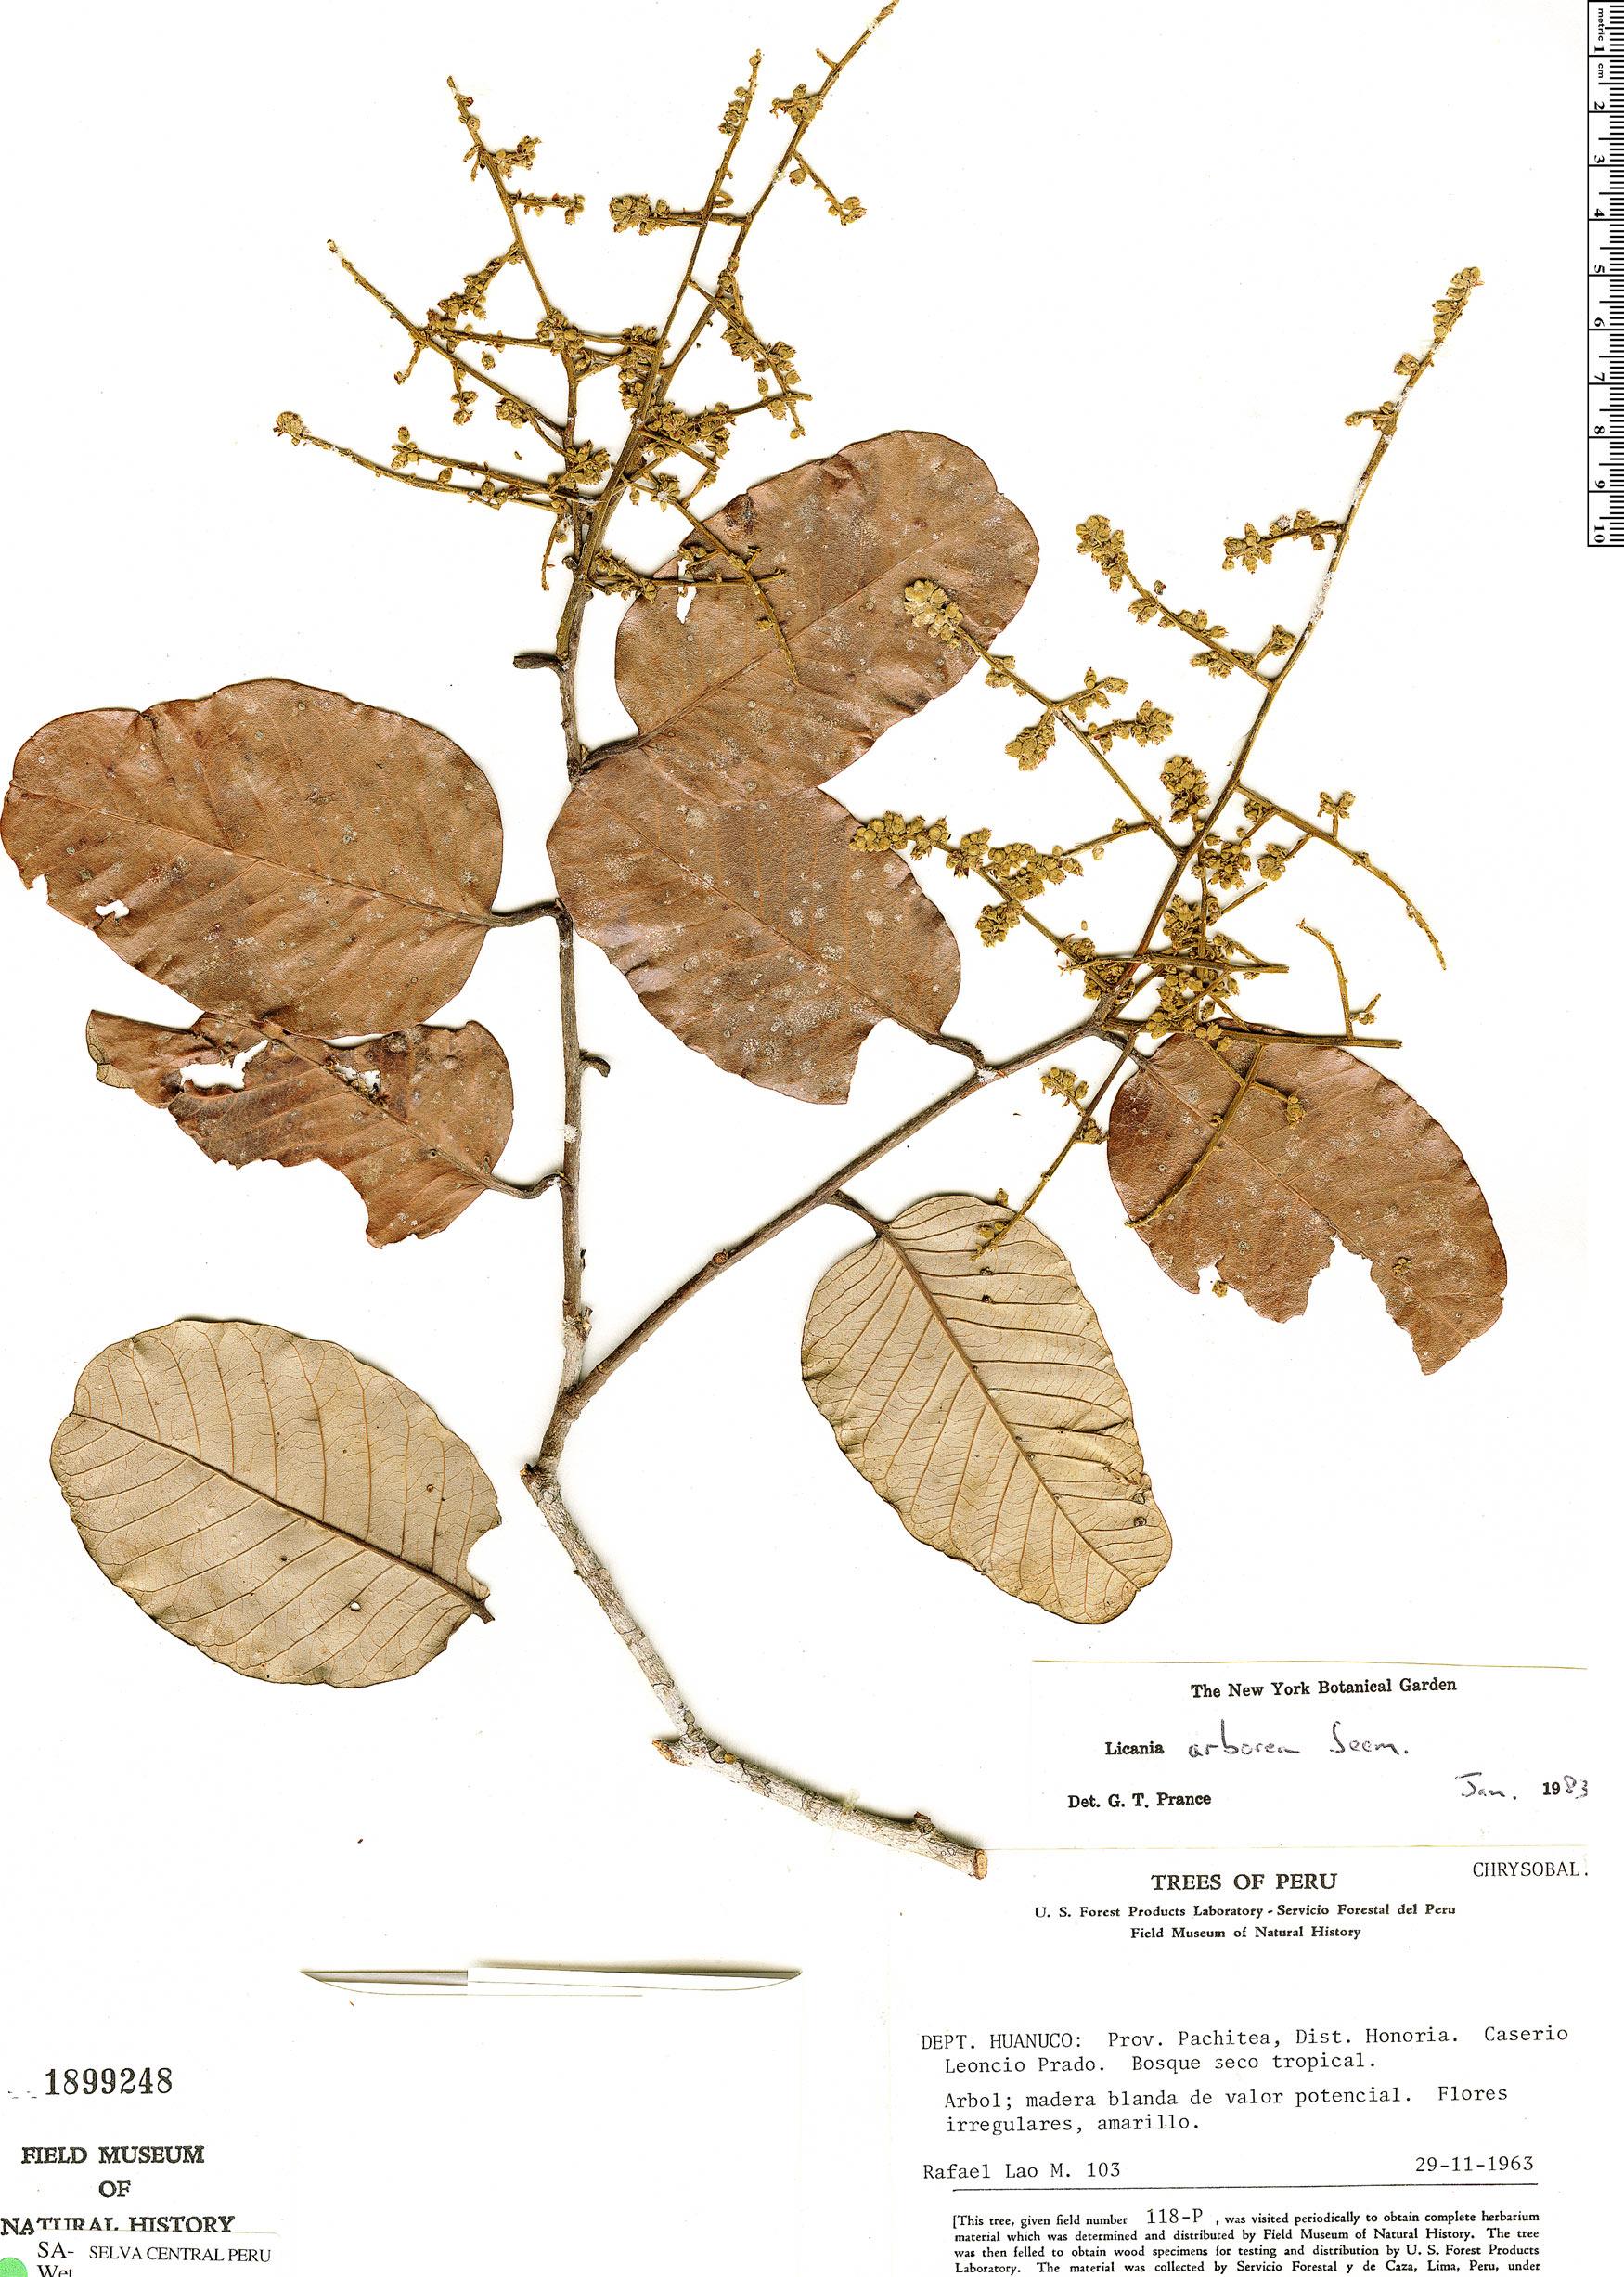 Specimen: Licania arborea